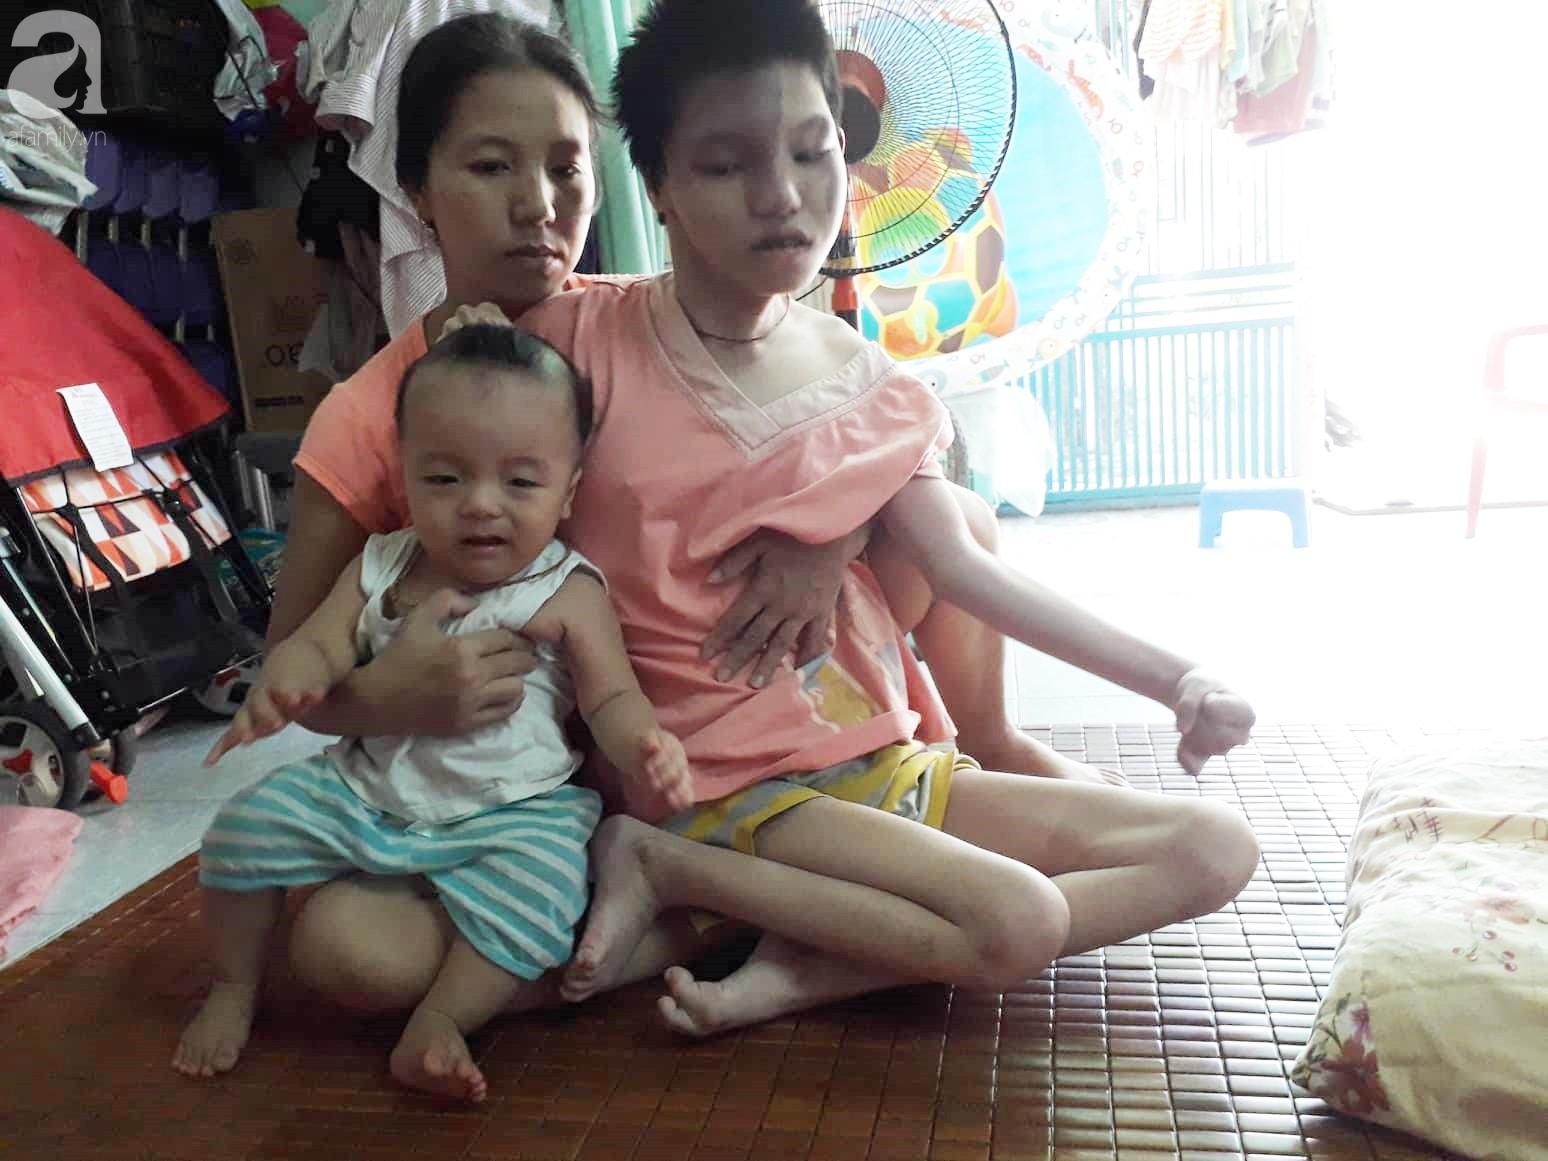 Đà Nẵng: Người mẹ nghèo nuôi 3 con thơ nheo nhóc, bất lực nhìn con gái 15 tuổi co giật vì bệnh u máu quái ác - Ảnh 4.